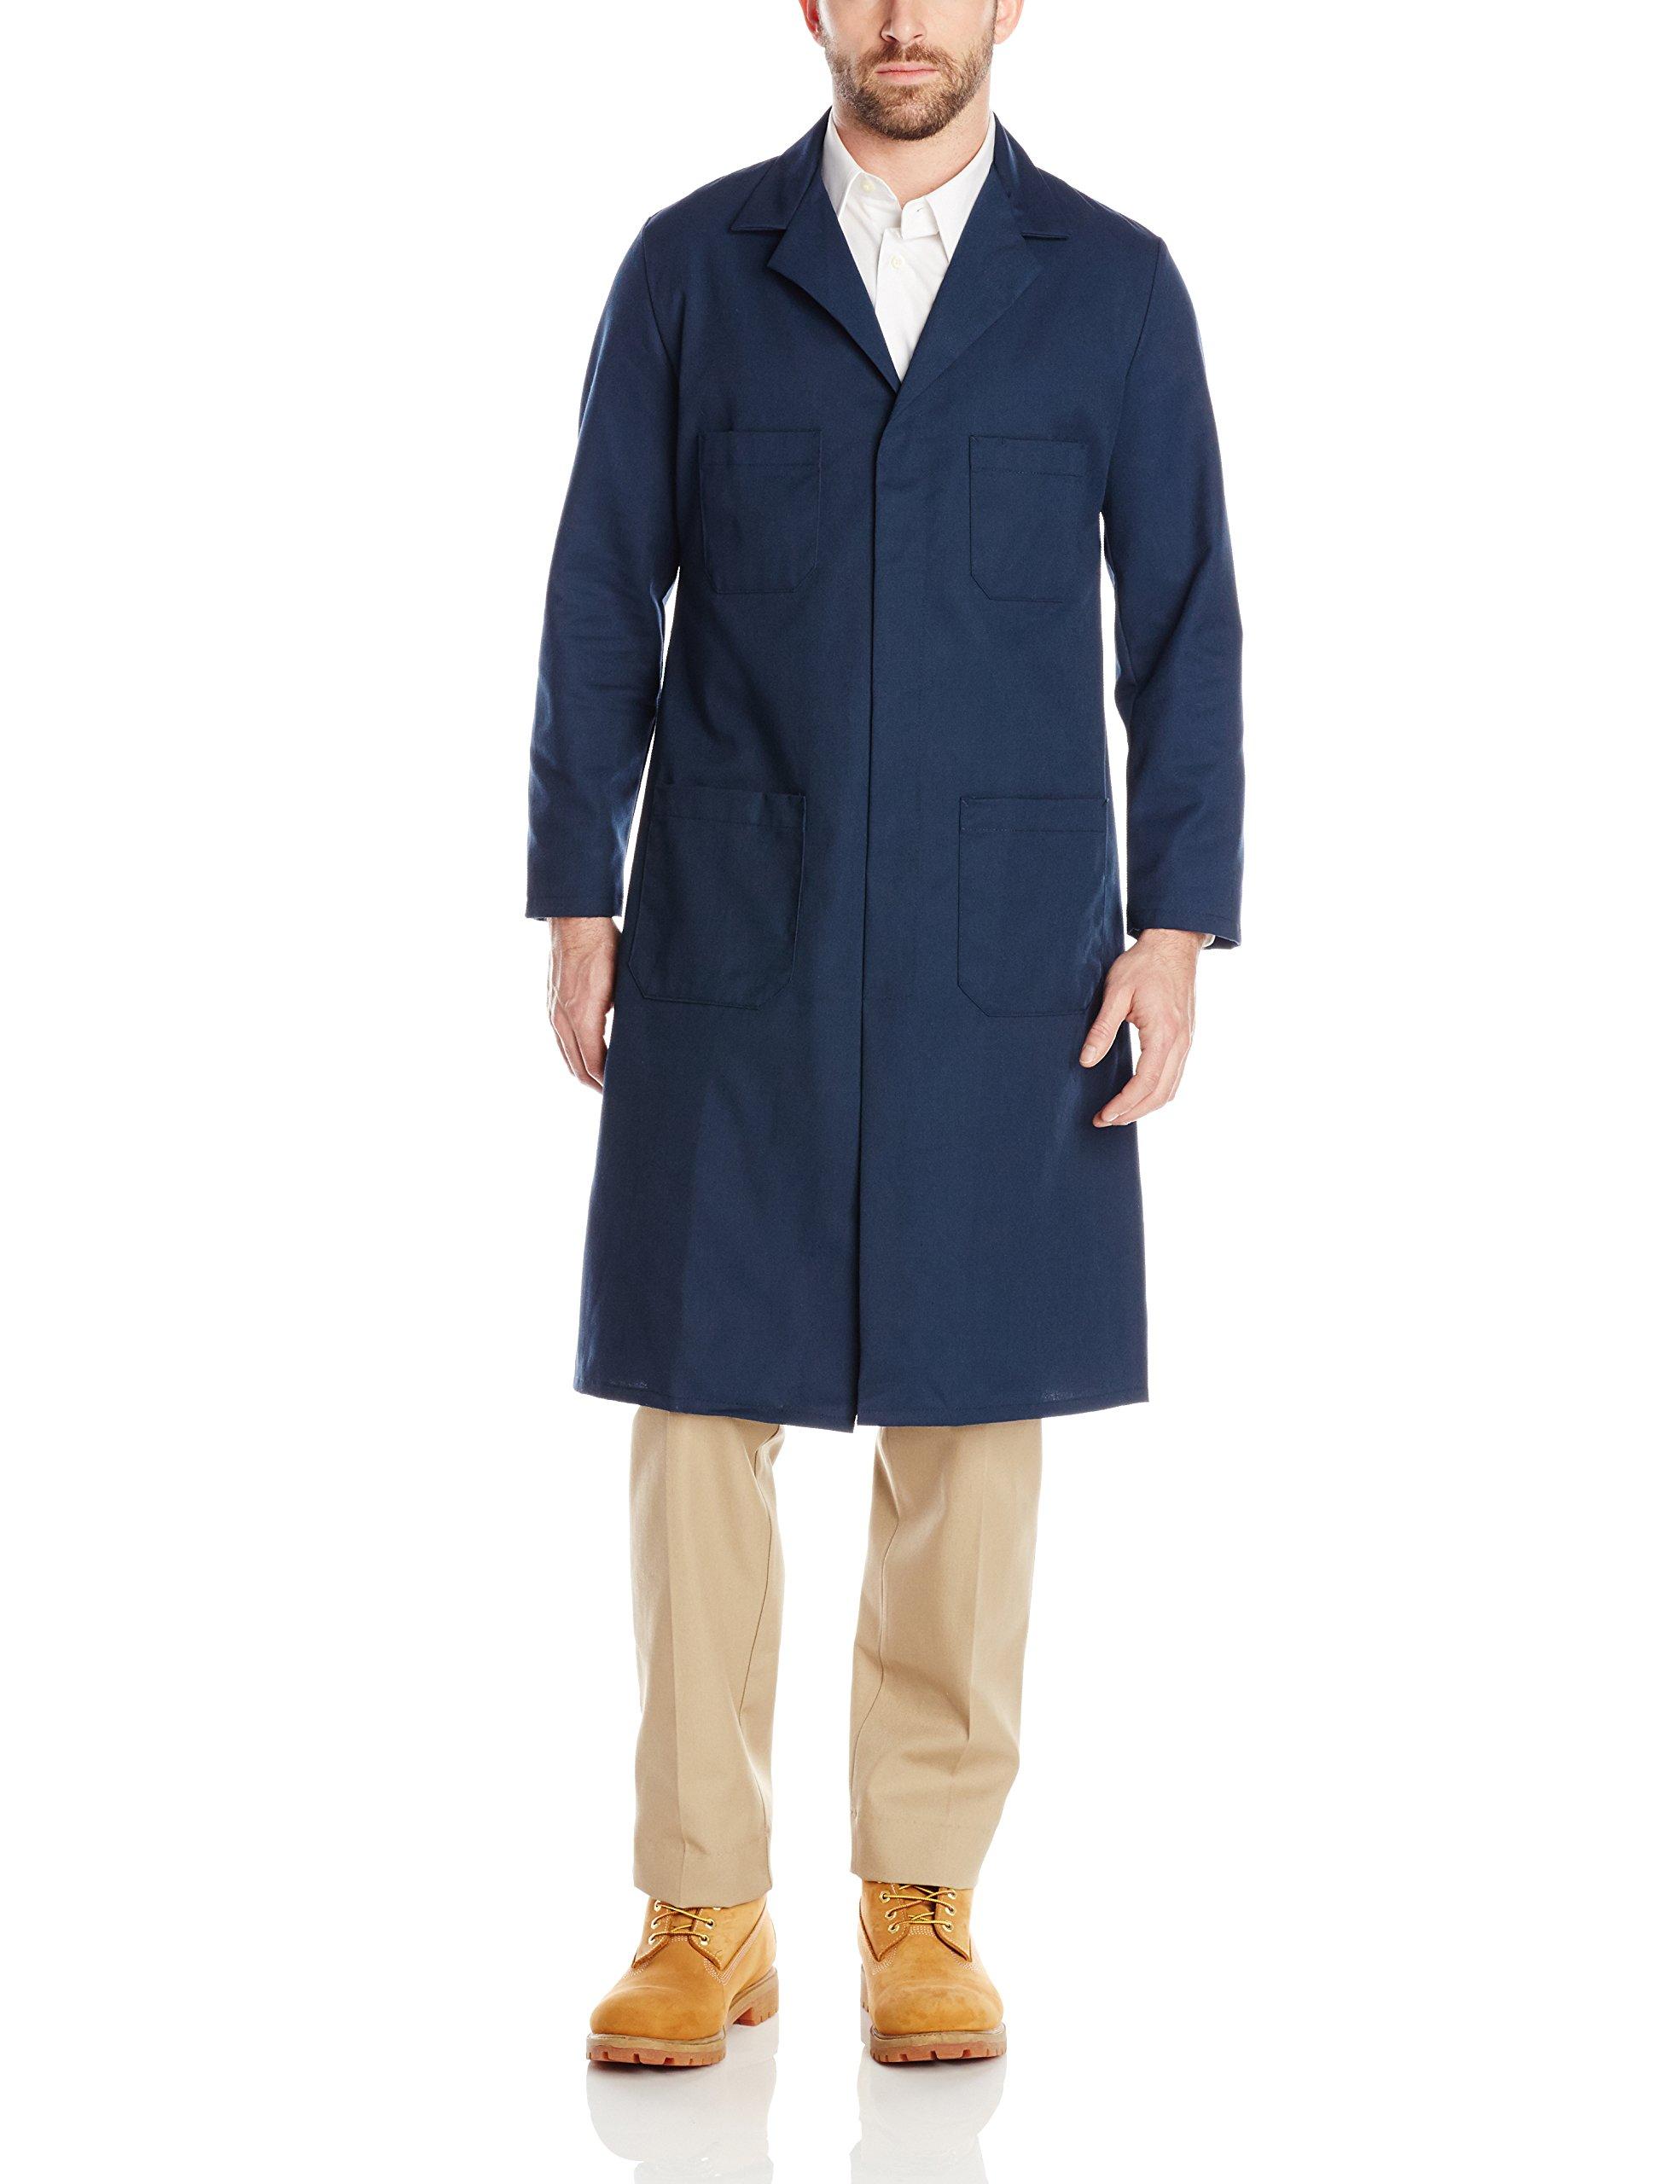 Red Kap Men's Shop Coat, Navy, 54 by Red Kap